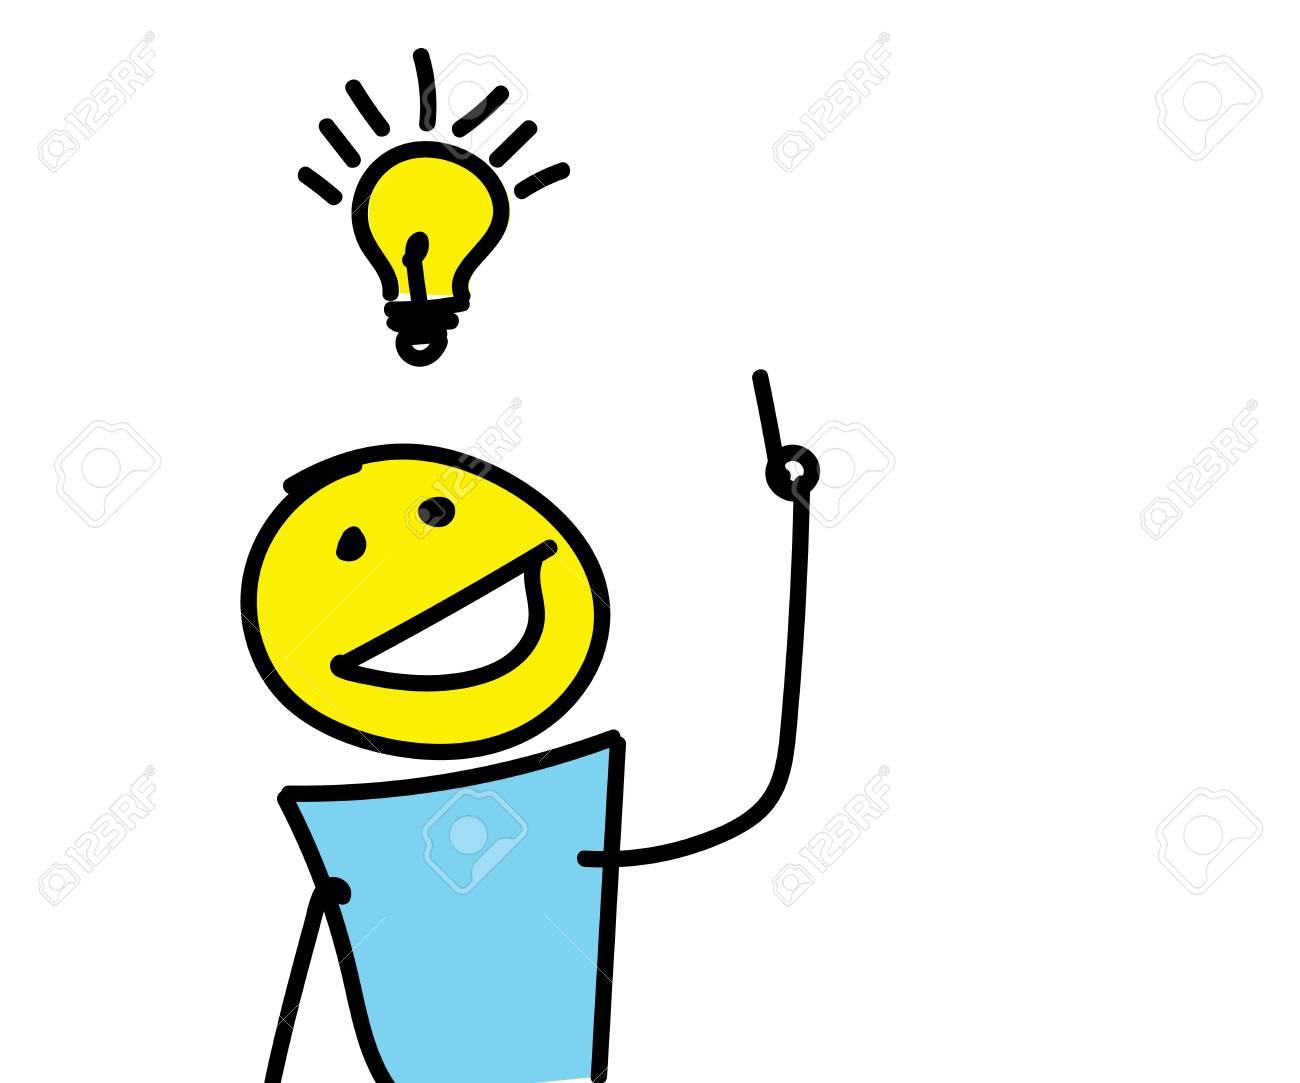 Foto de archivo - Stick figura tener una idea creativa con una bombilla  sobre su cabeza. Ilustración vectorial